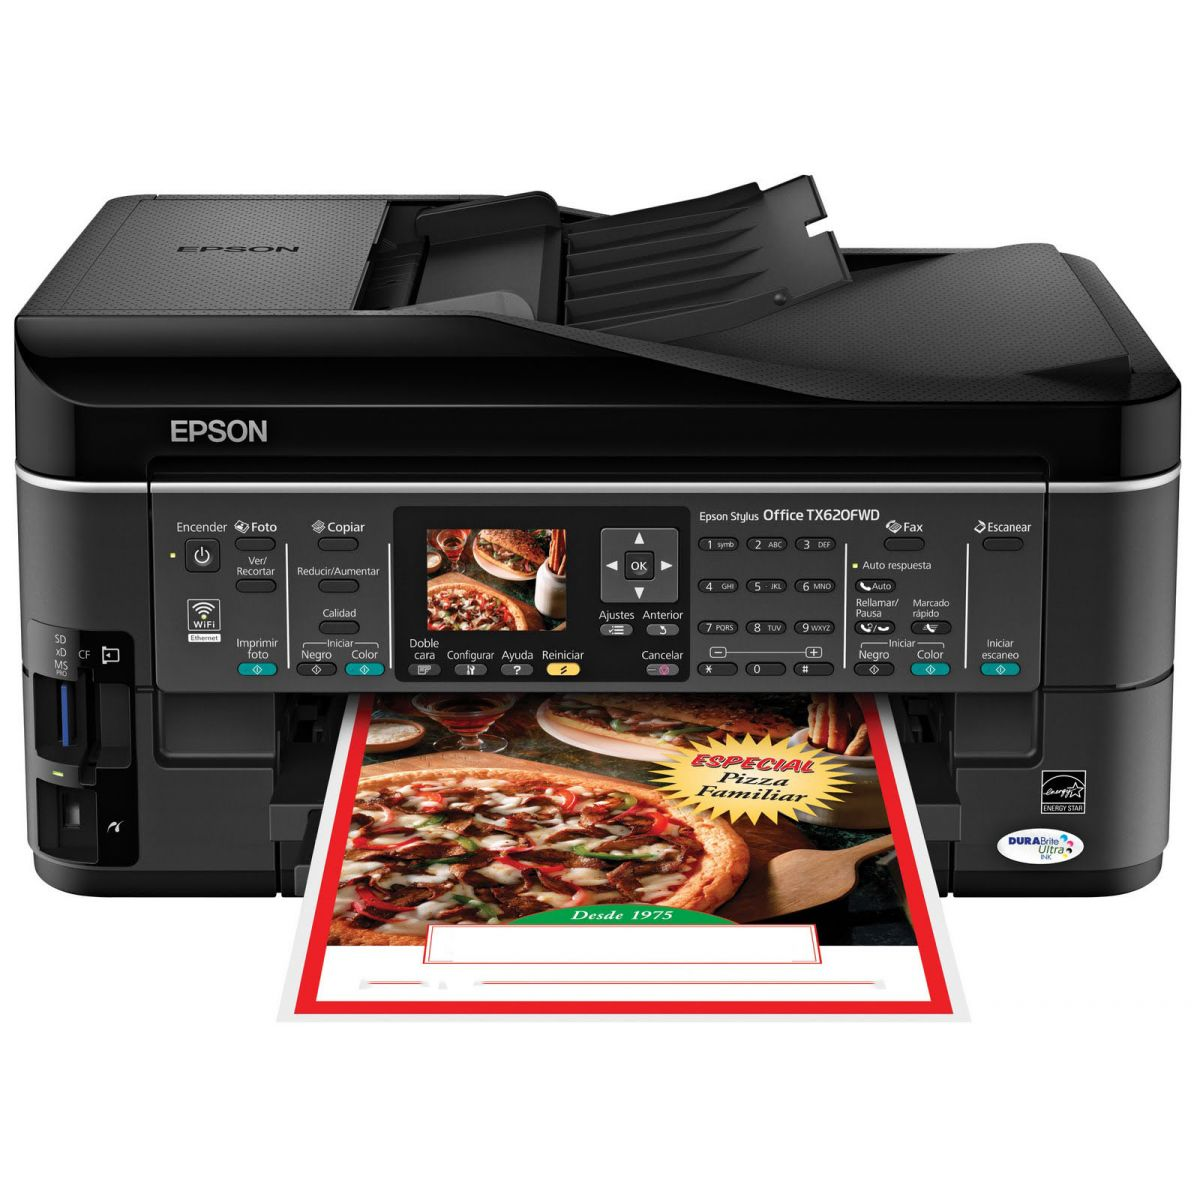 Impressora Epson TX620 com Bulk Ink instalado + 400 ml de tinta pigmentada